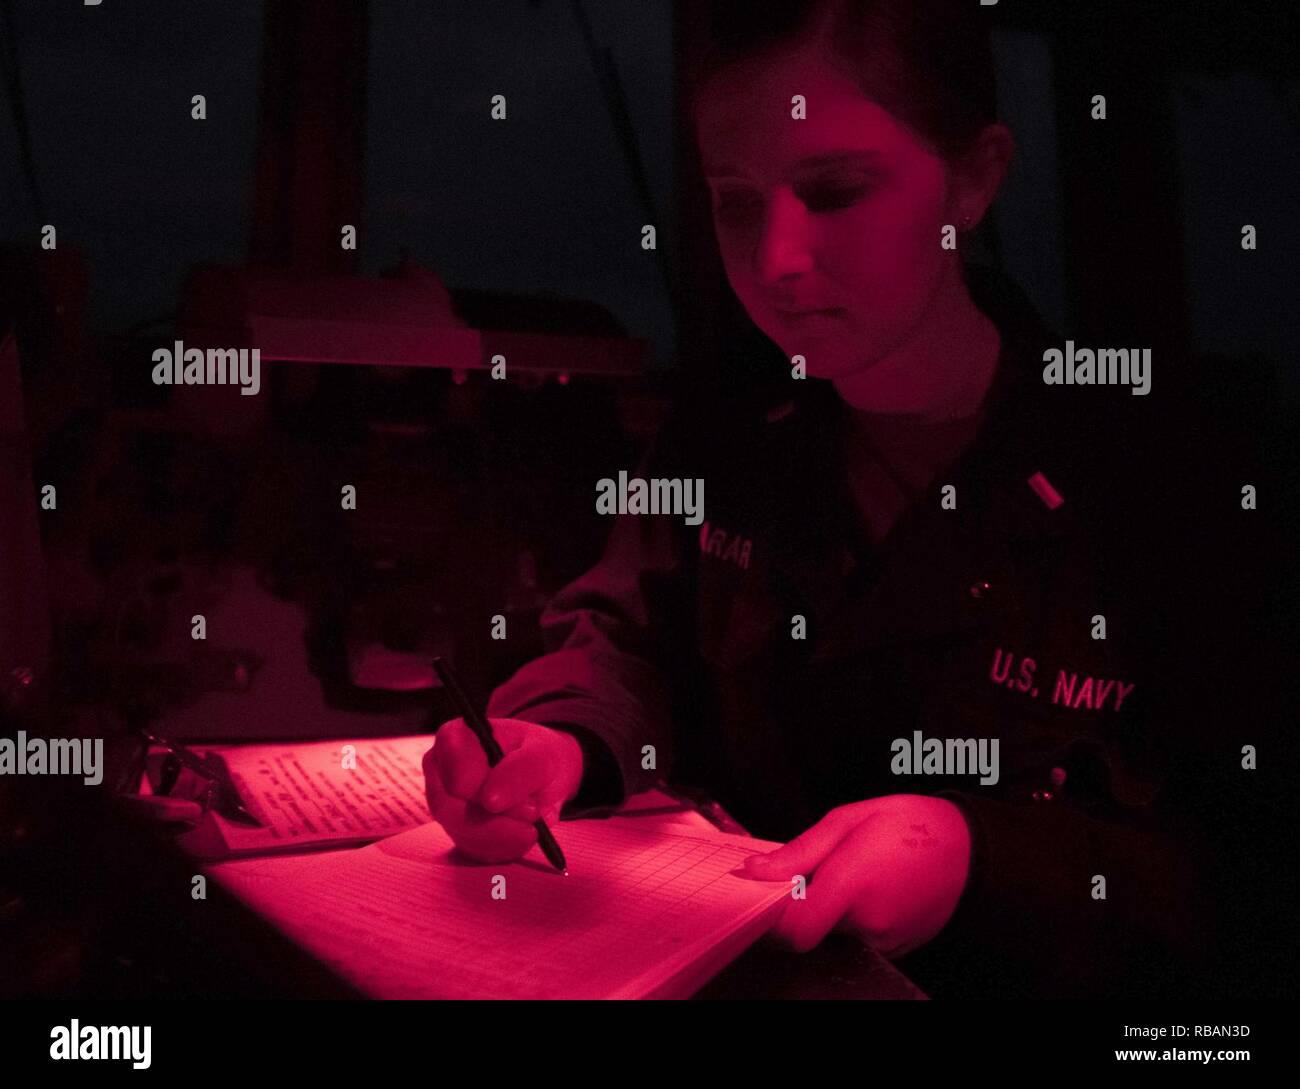 El Mar de China oriental (Dec. 31, 2018) Ensign Lauren Larar años escribe la nueva entrada en el registro de la plataforma mientras se llevan a cabo a bordo de la clase Arleigh Burke de misiles guiados destructor USS McCampbell (DDG 85). Es McCampbell desplegadas a la séptima Flota de EE.UU. zona de operaciones en apoyo de la seguridad y la estabilidad en la región del Indo-Pacífico. Foto de stock